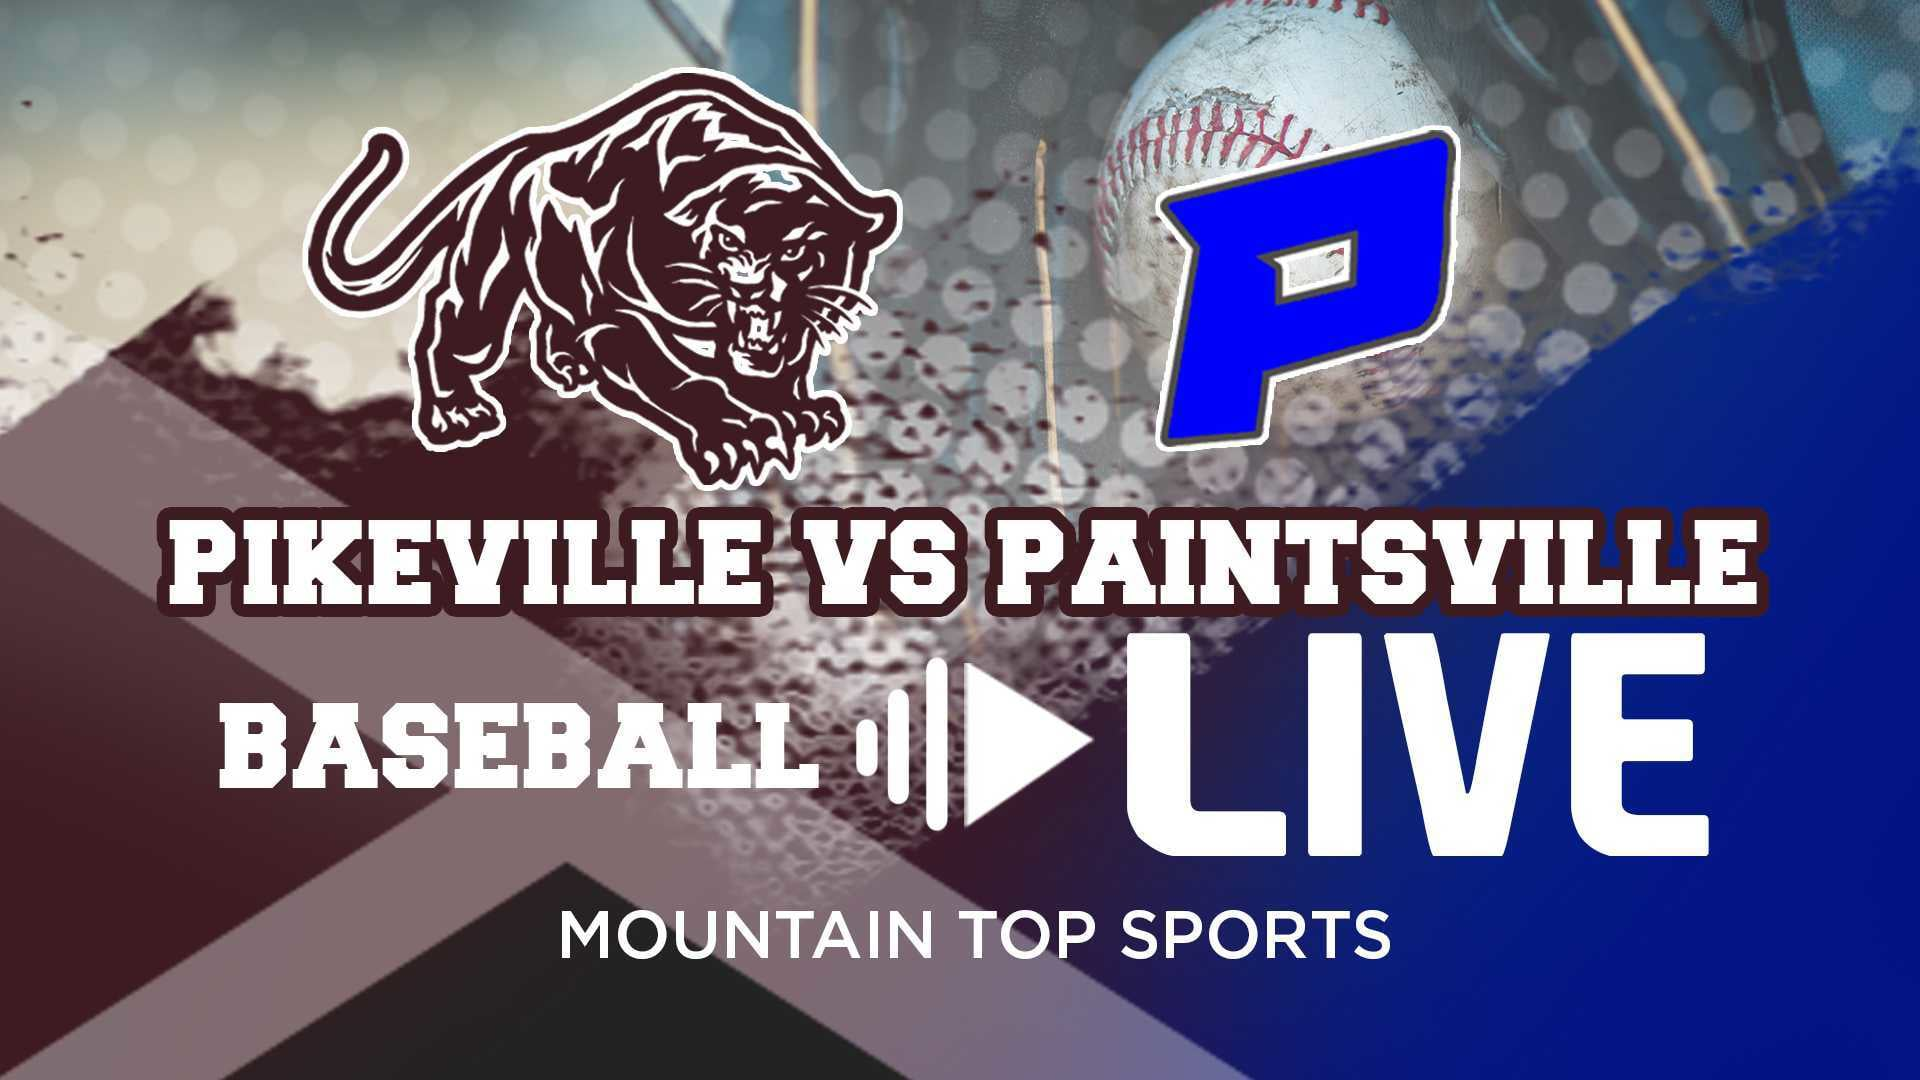 pikeville vs paintsville